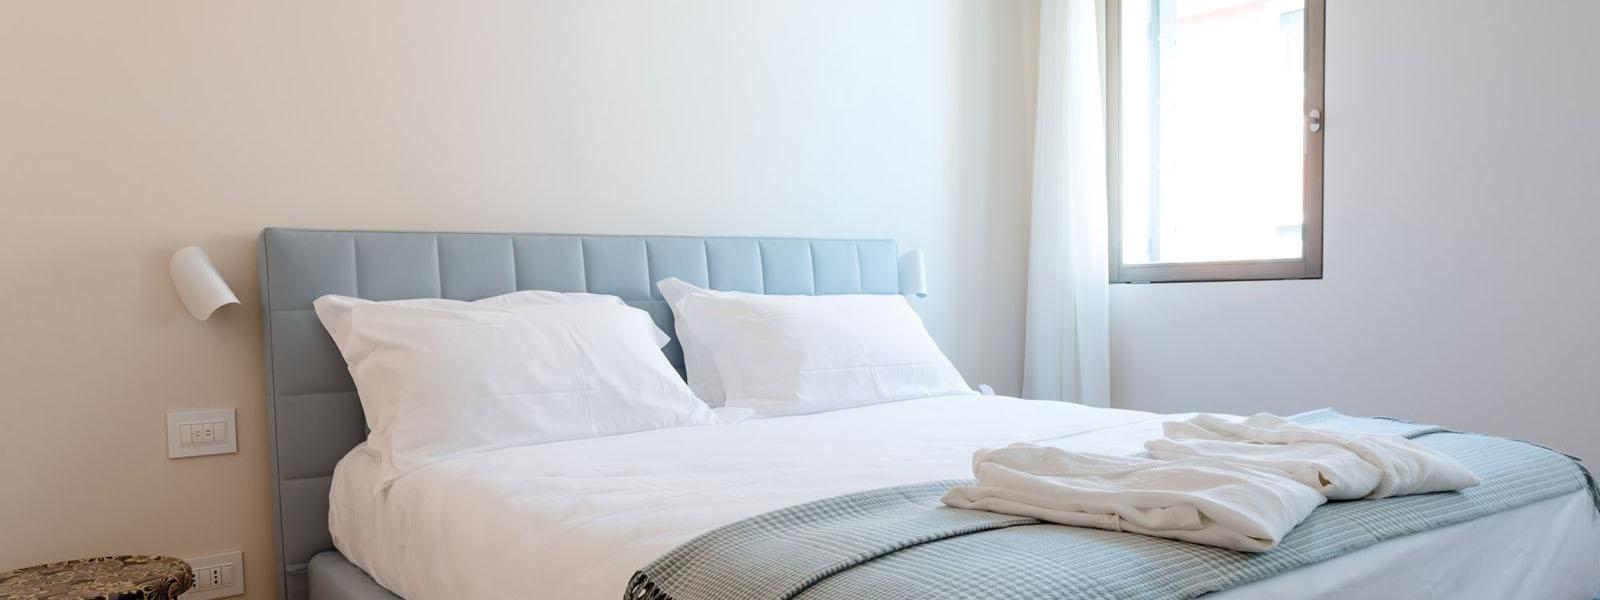 casaburano-hotel-junior-suite-2.jpg